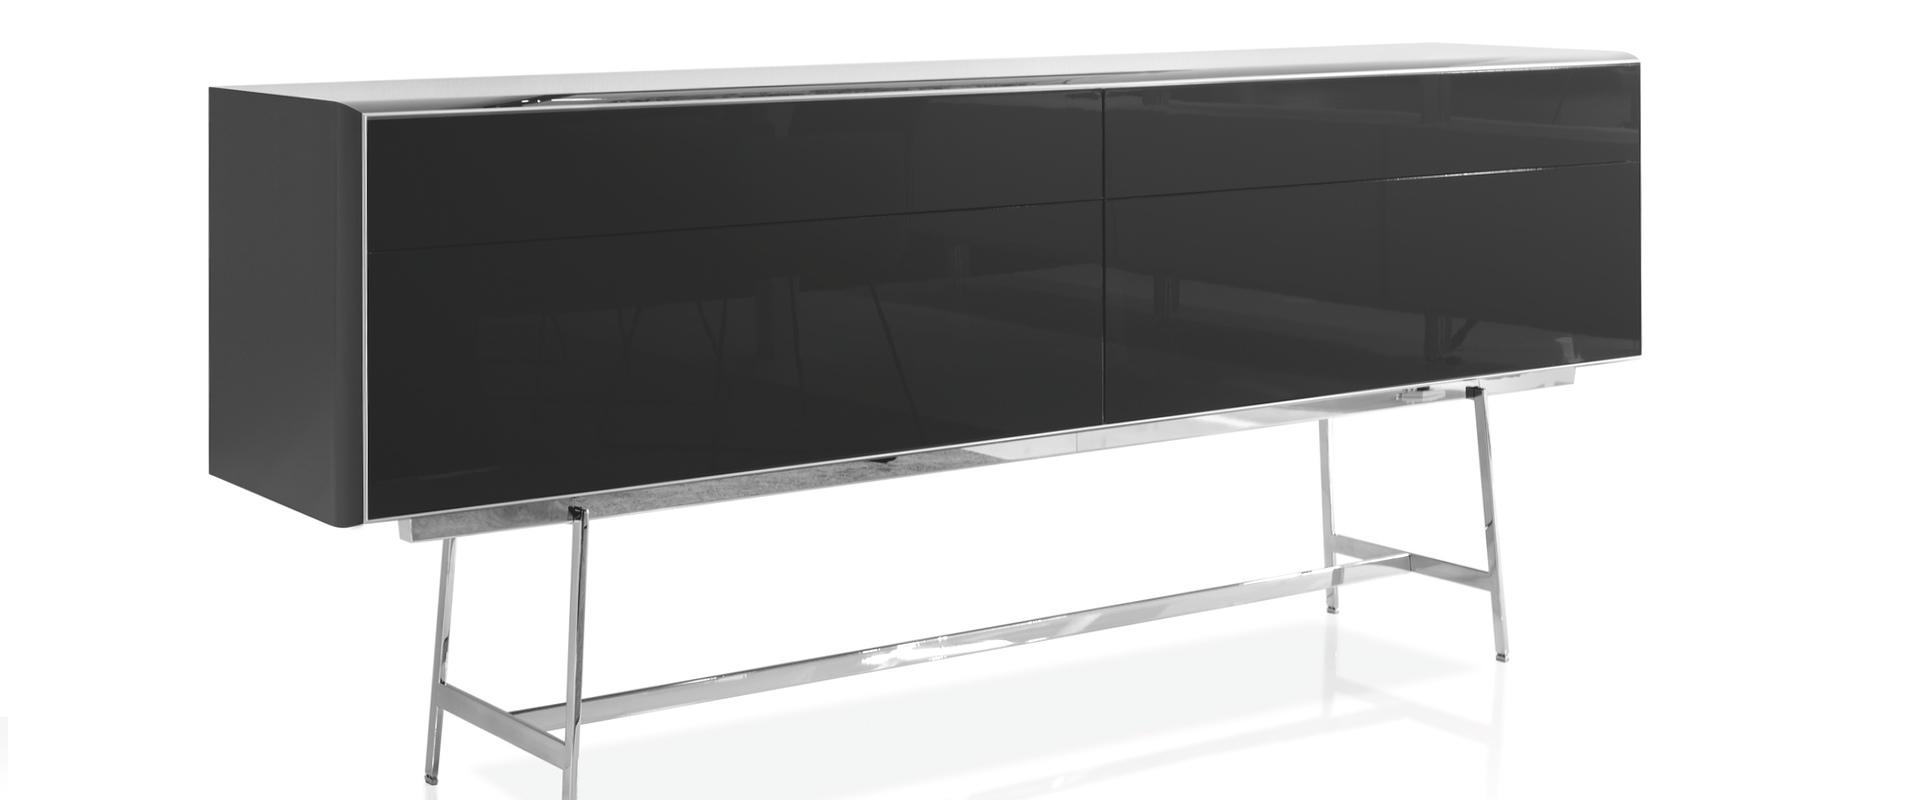 Die Serie S100 von YOMEI bei Hans G. Bock: Sideboard in Schwarz.